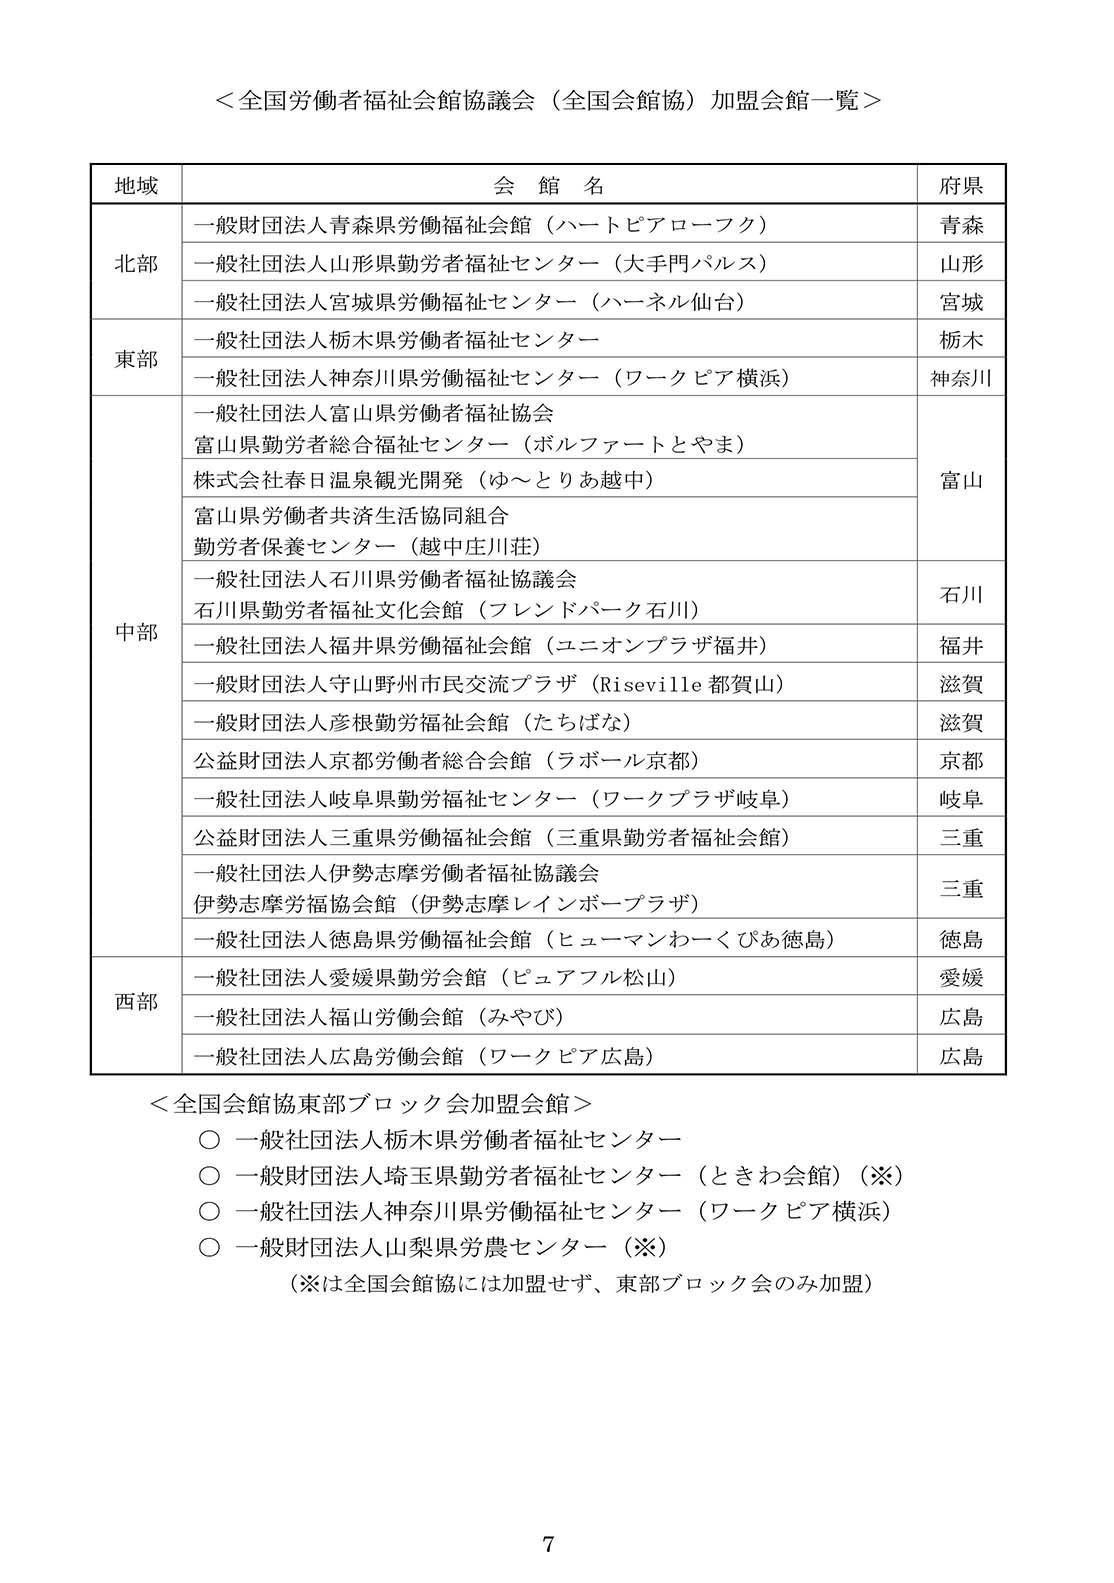 第56回-事業報告書-7